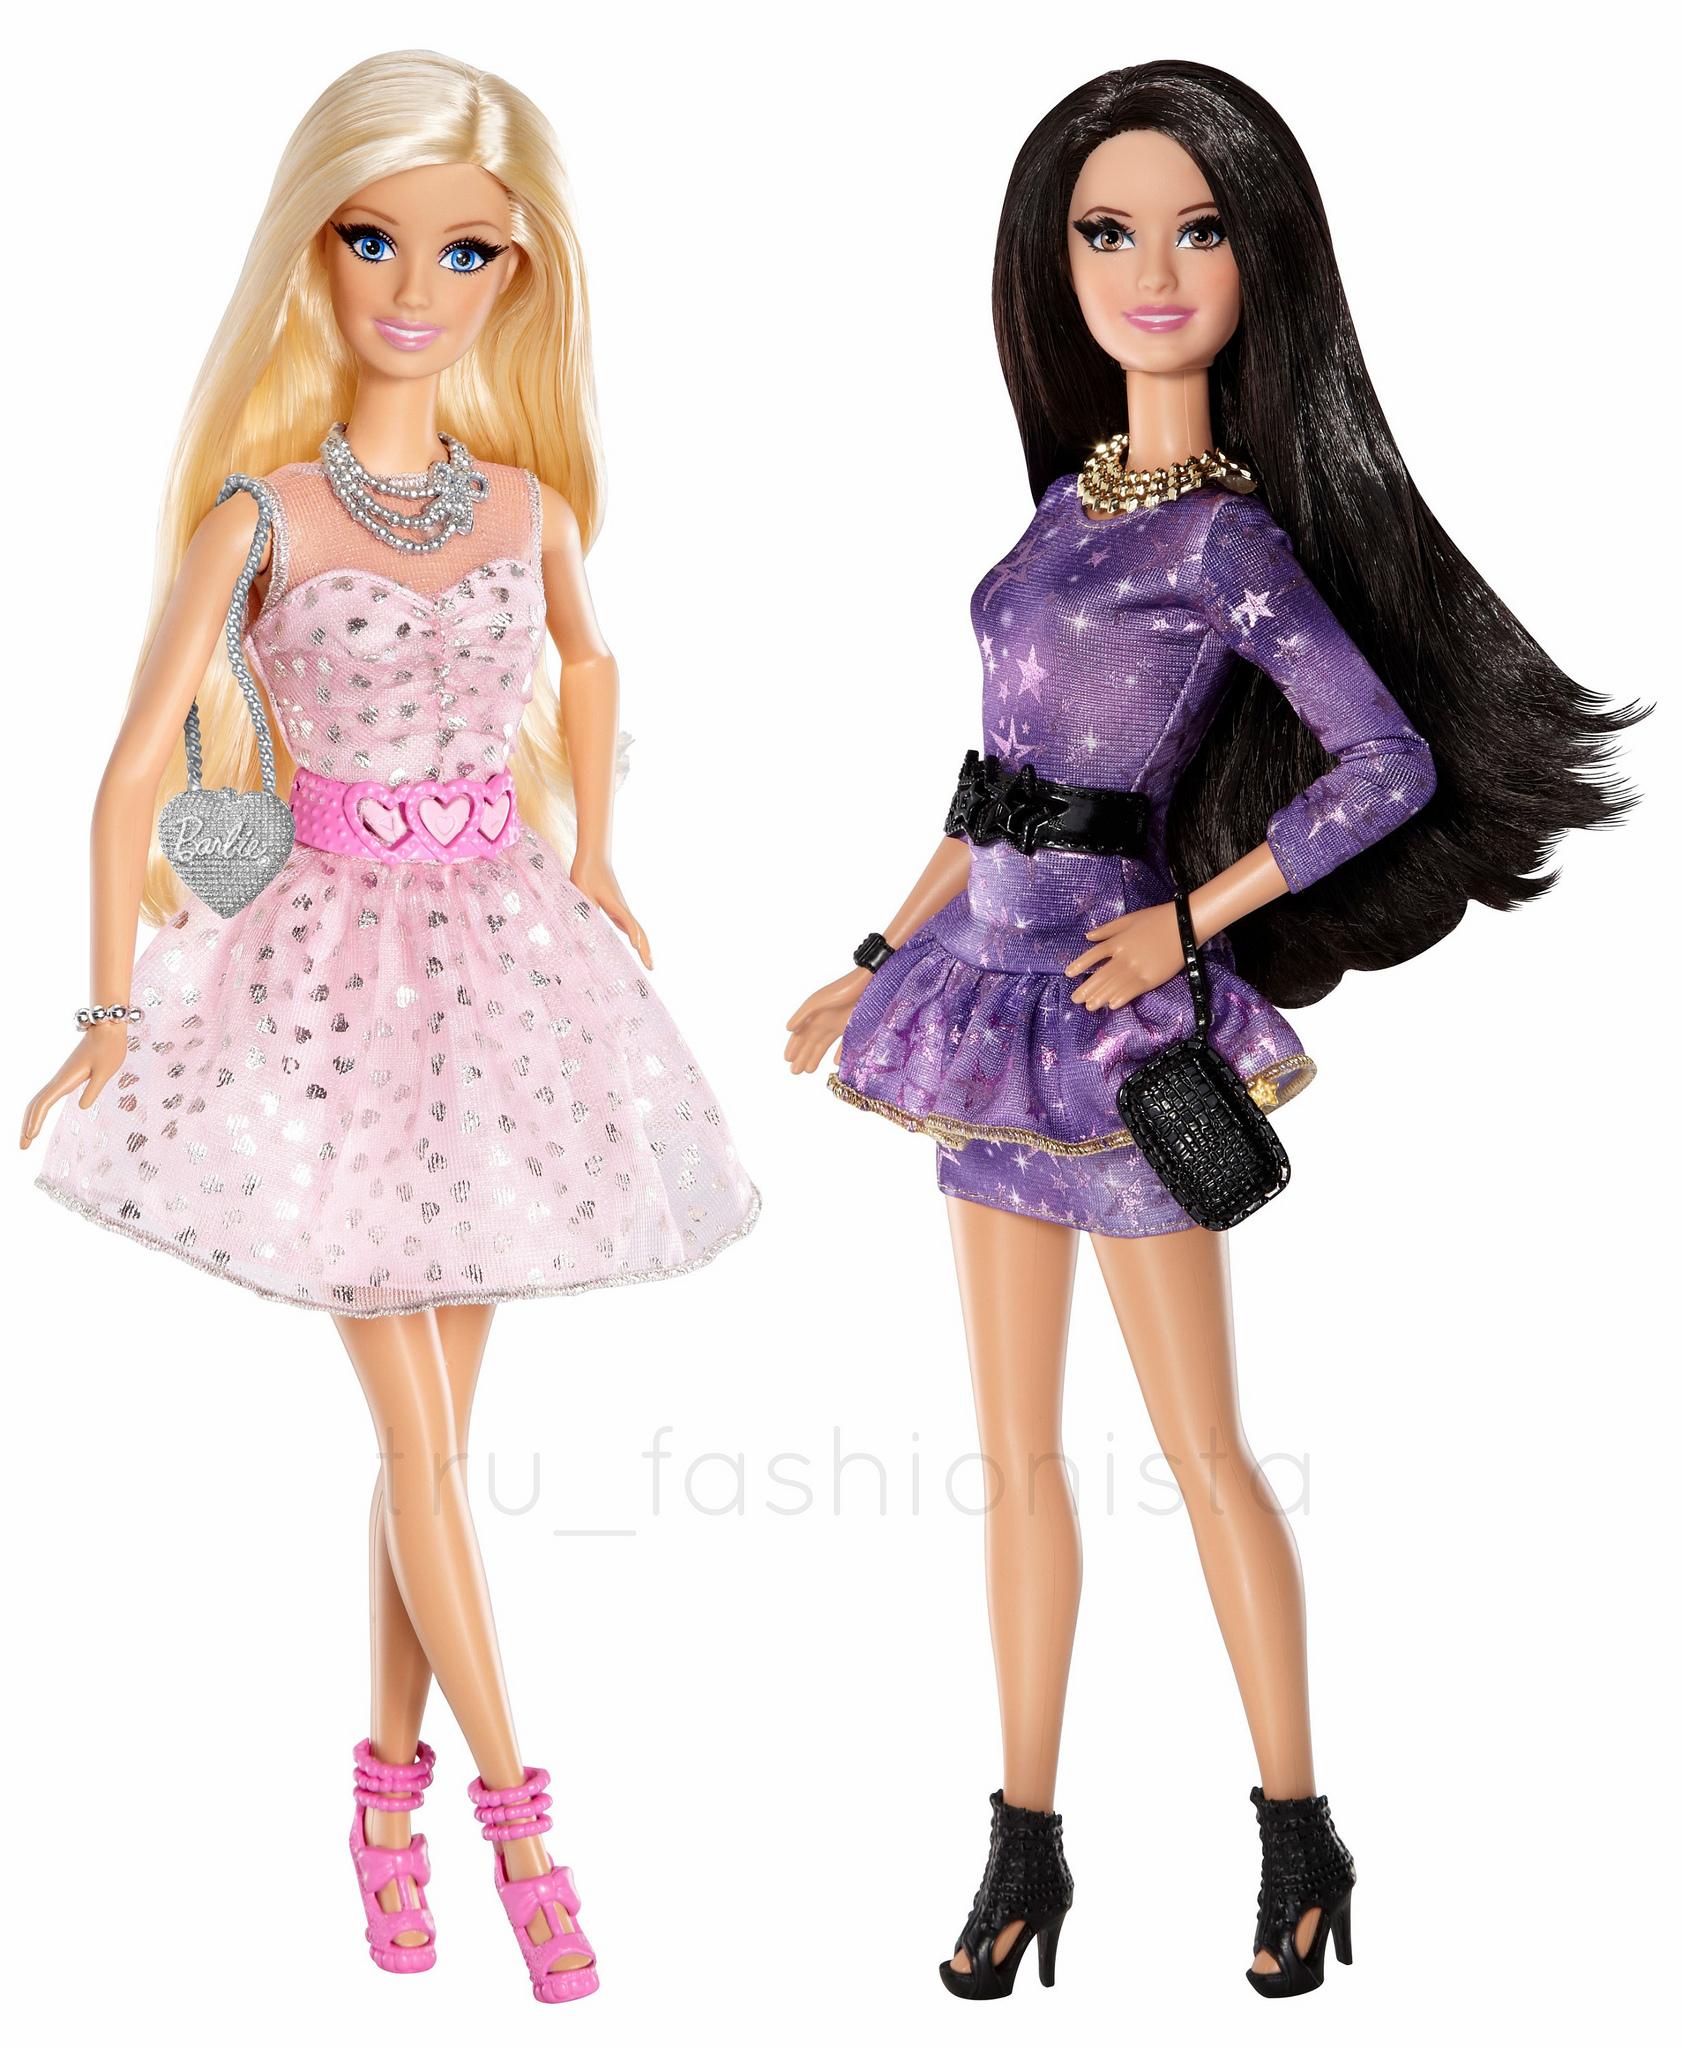 Новые куклы барби в стиле серий жизнь